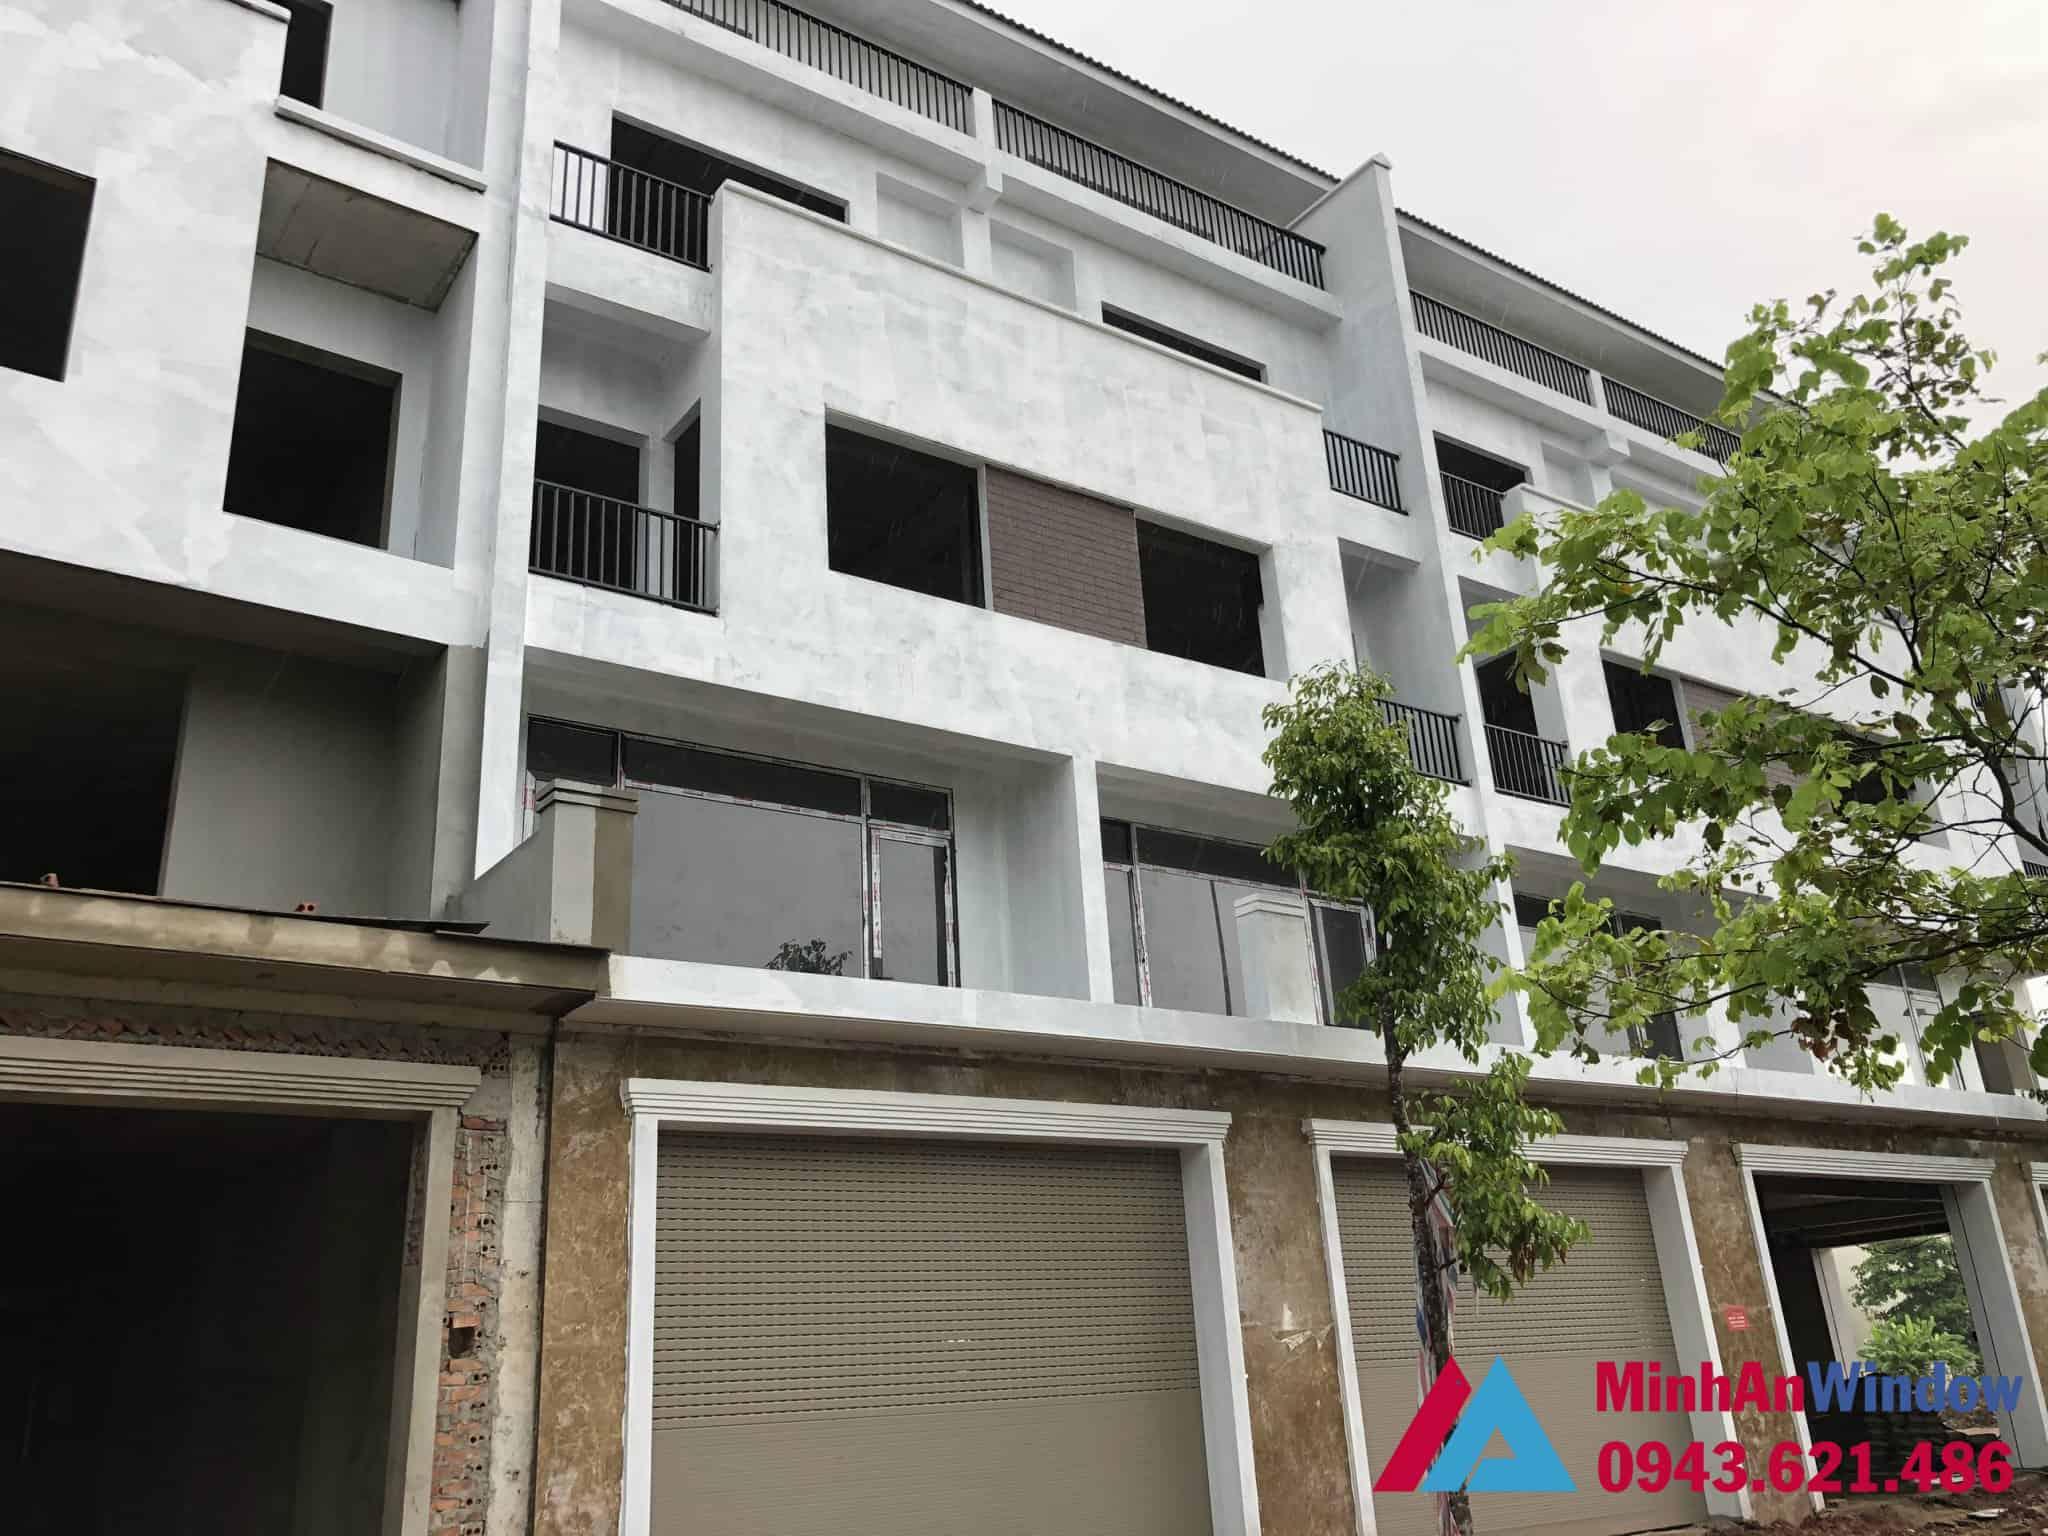 Minh An Window lắp đặt cửa nhôm kính tại thị xã Sơn Tây cho nhà biệt thự